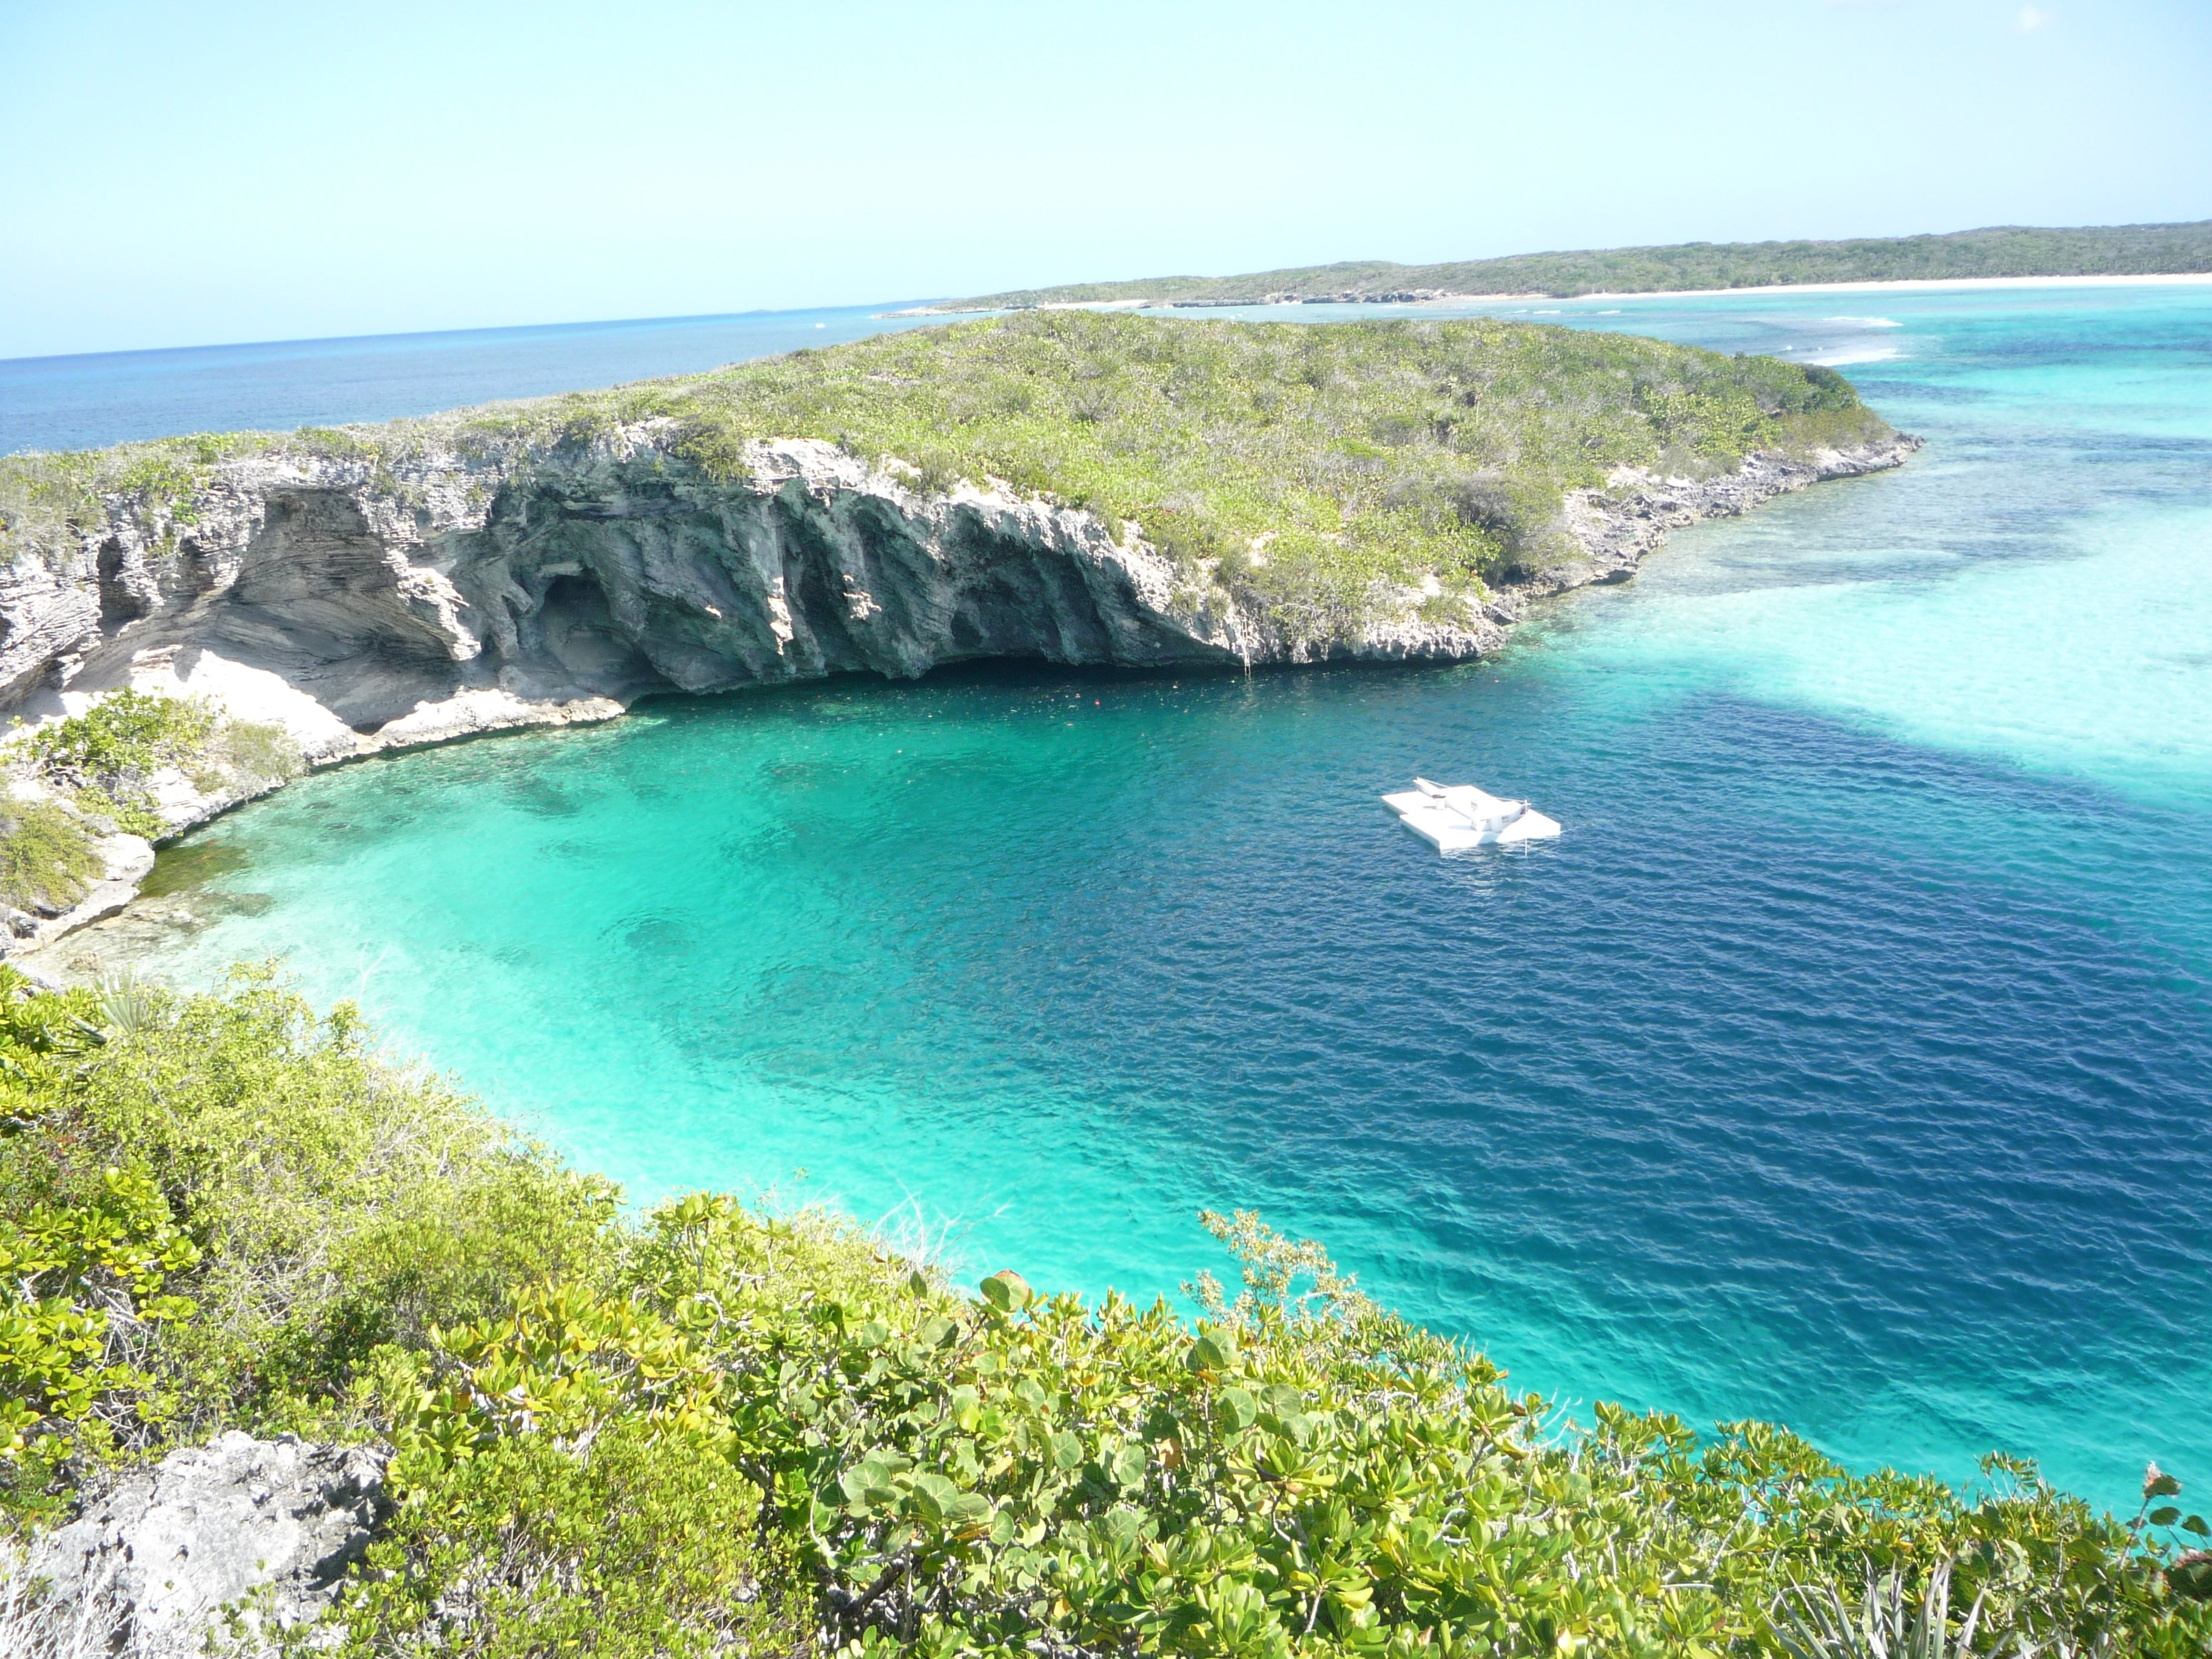 Deans blue hole - Bahamas